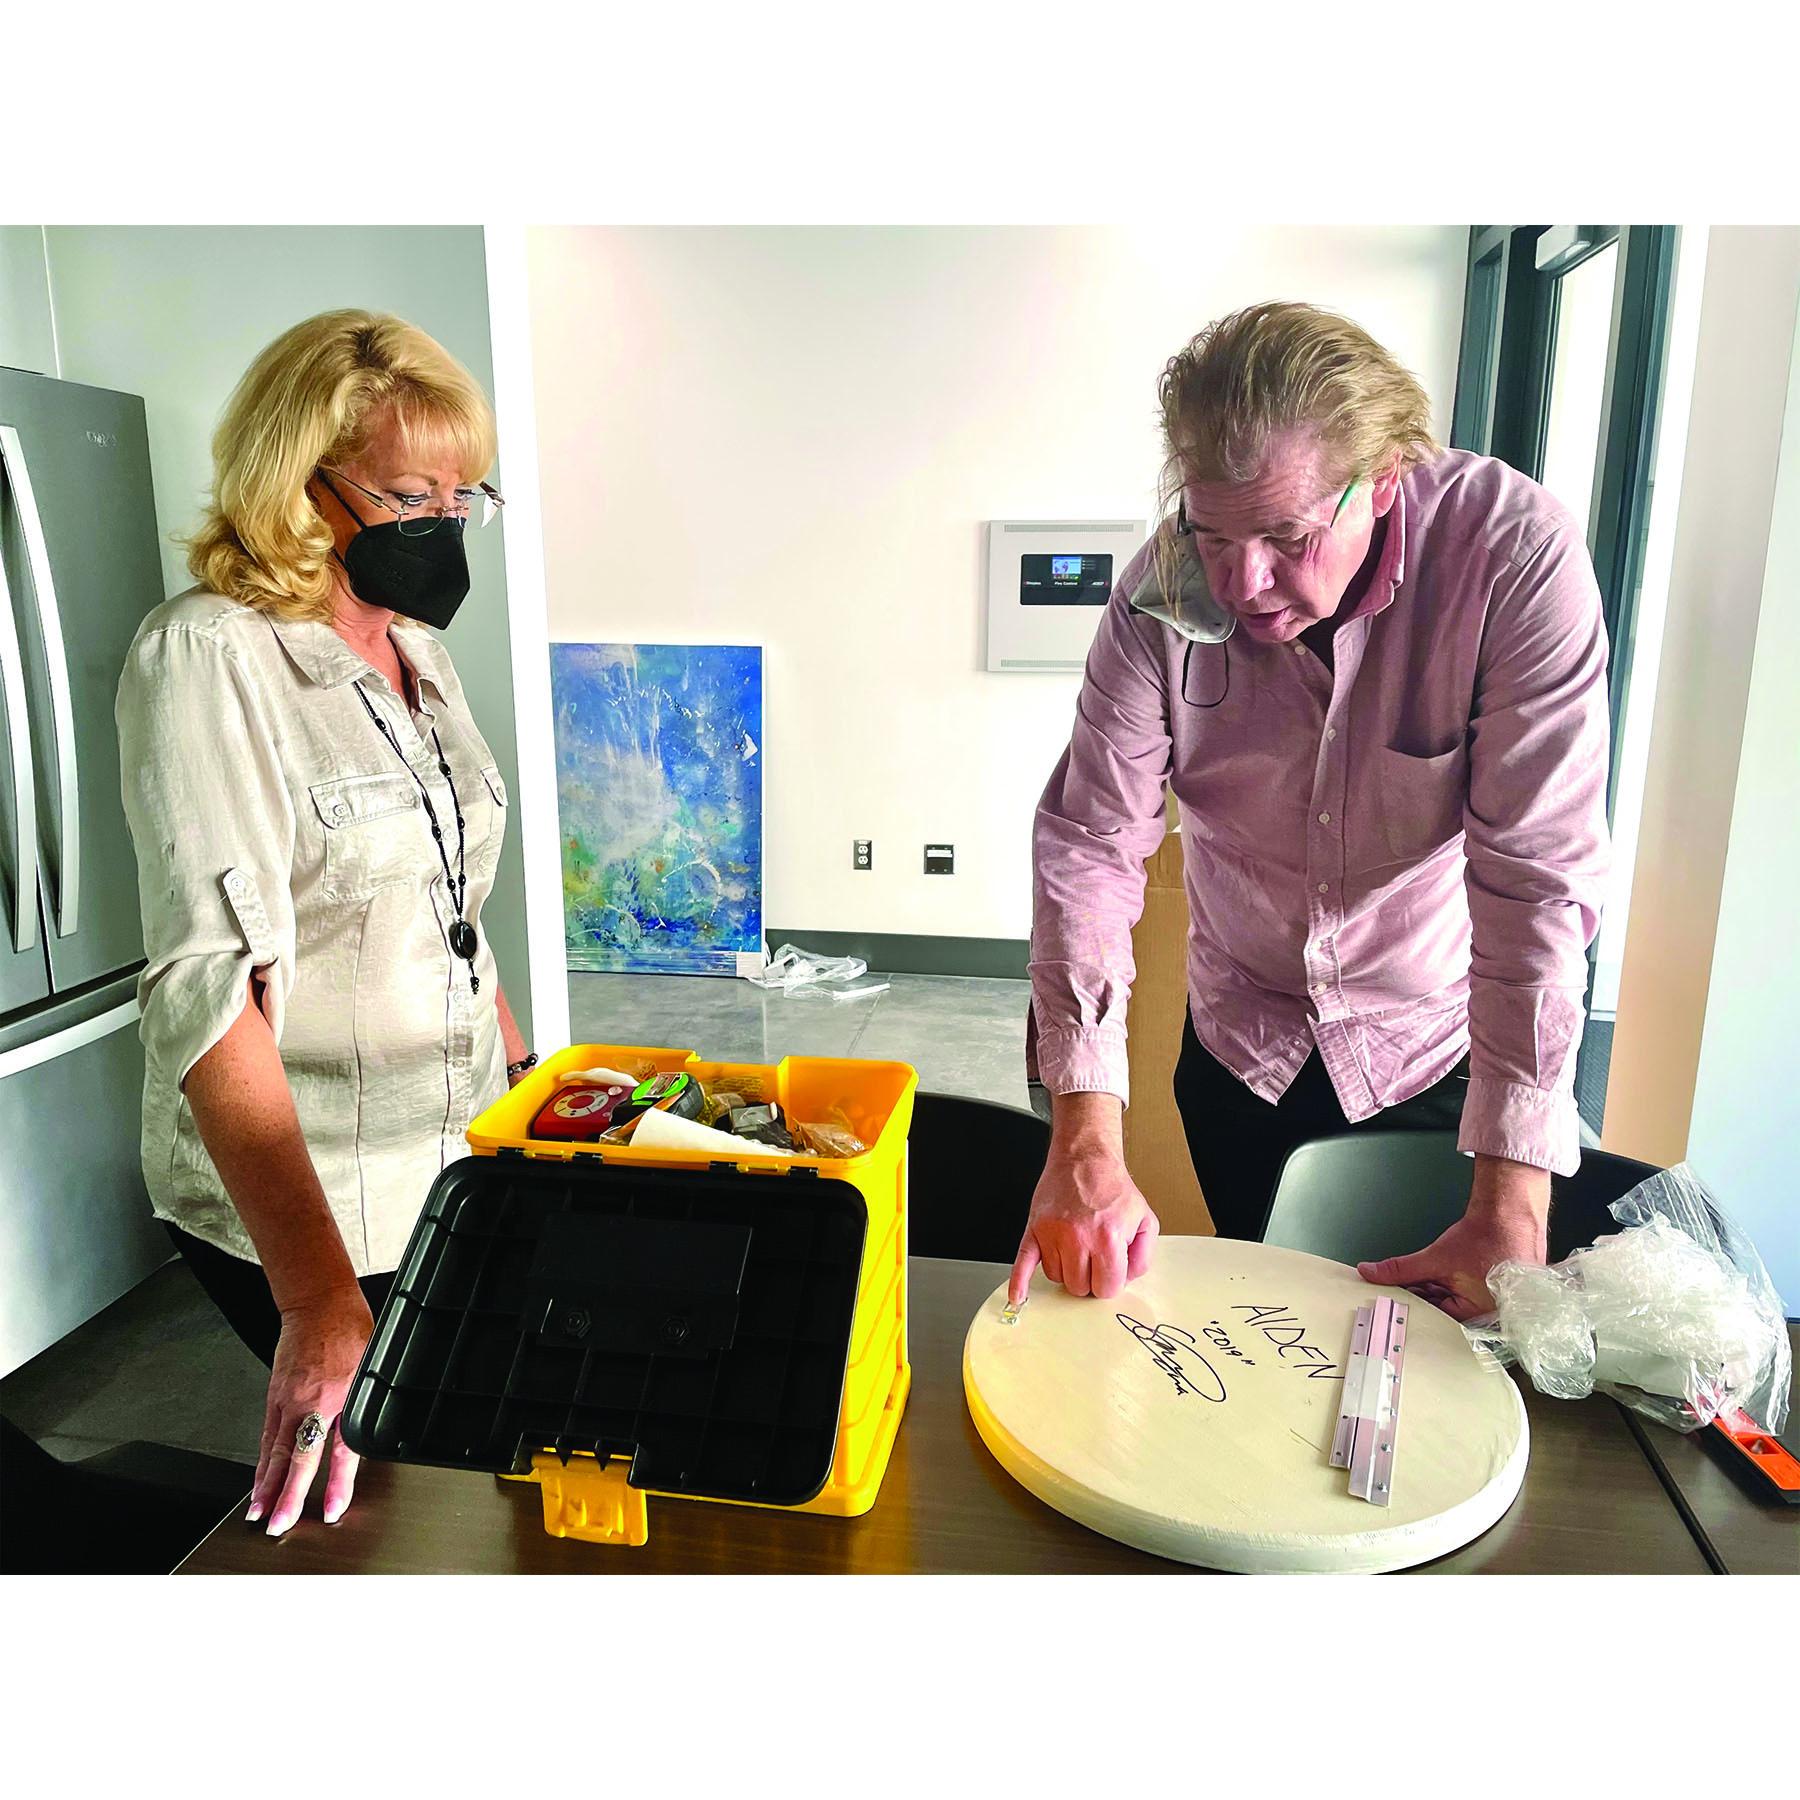 Michael Murphy and assistant plan an art install